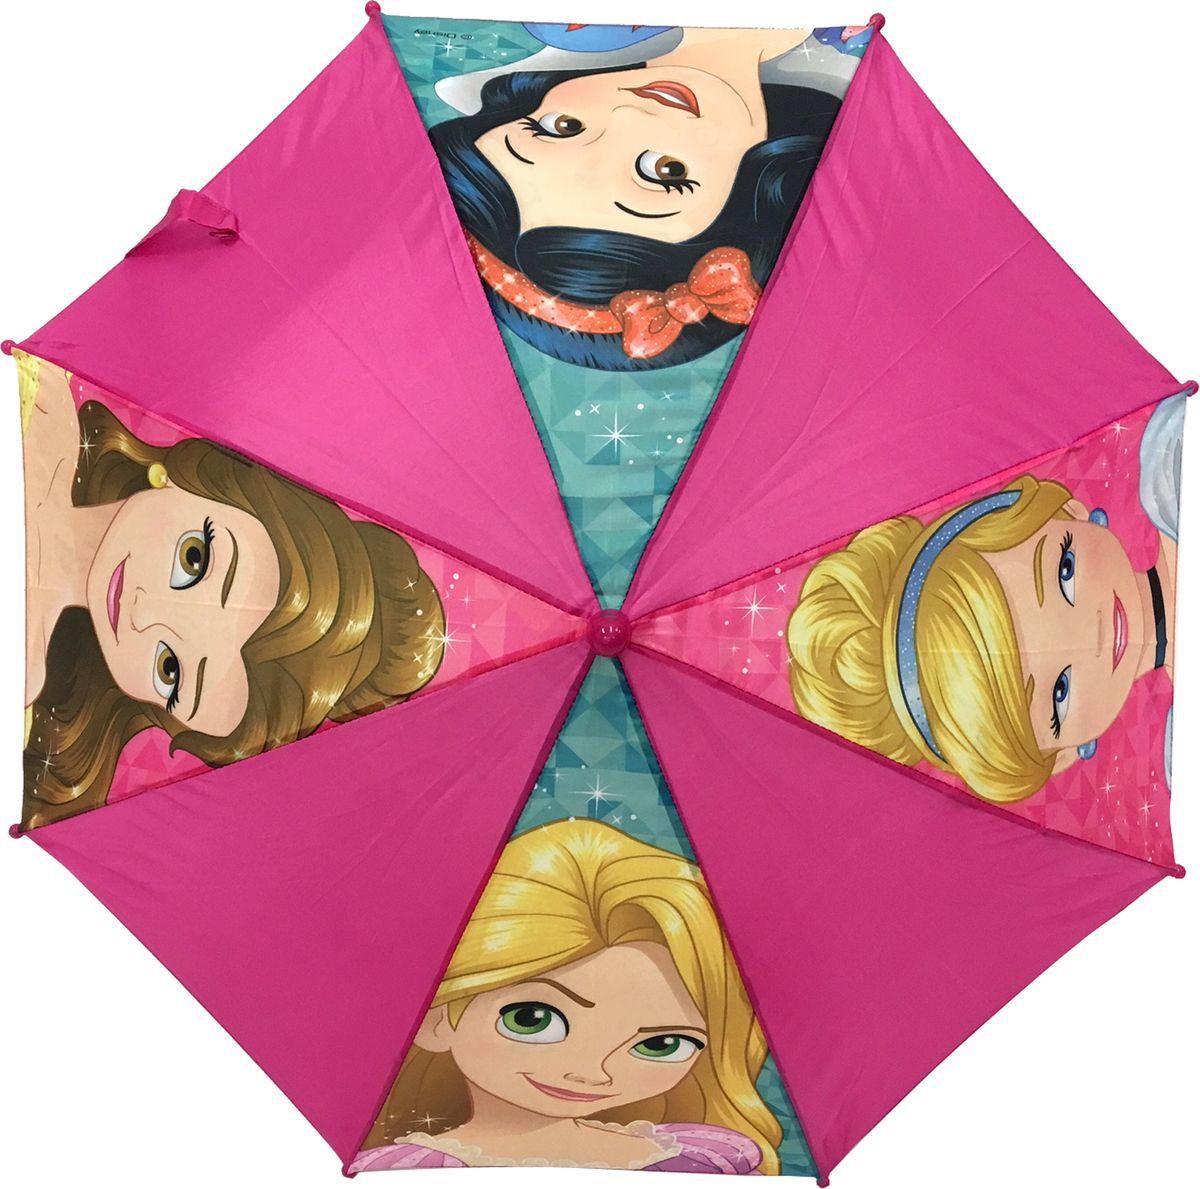 Зонт для девочки Disney Princess, цвет: розовый. 34793479Компактный детский зонтик-трость станет замечательным подарком для Вашего чада и защитит его не только от дождя, но и от солнца. Красочный дизайн зонтика поднимет настроение и станет незаменимым атрибутом прогулки. Ребенок сможет сам открывать и закрывать зонтик, благодаря легкому механизму, а оригинальная расцветка зонтика привлечет к себе внимание. Тип механизма: механический (открывается/закрывается вручную). Конструкция зонта: зонт-трость. Материал: пластик, полиэстер, металл.